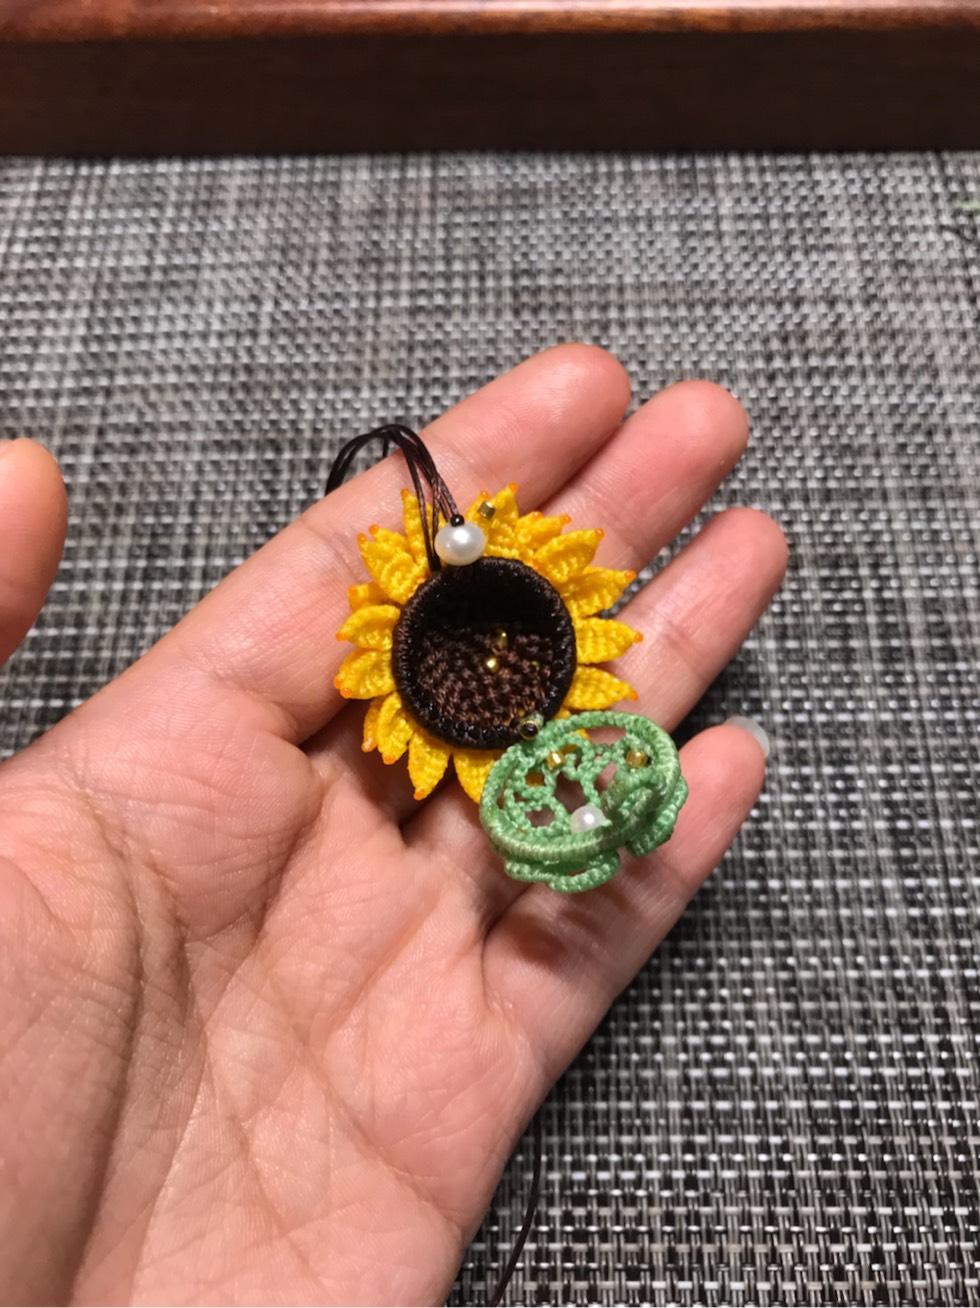 中国结论坛 向日葵香盒 观赏向日葵,放香和,向日葵花,向日葵怎么养 作品展示 092501y0hkslef7leshaha